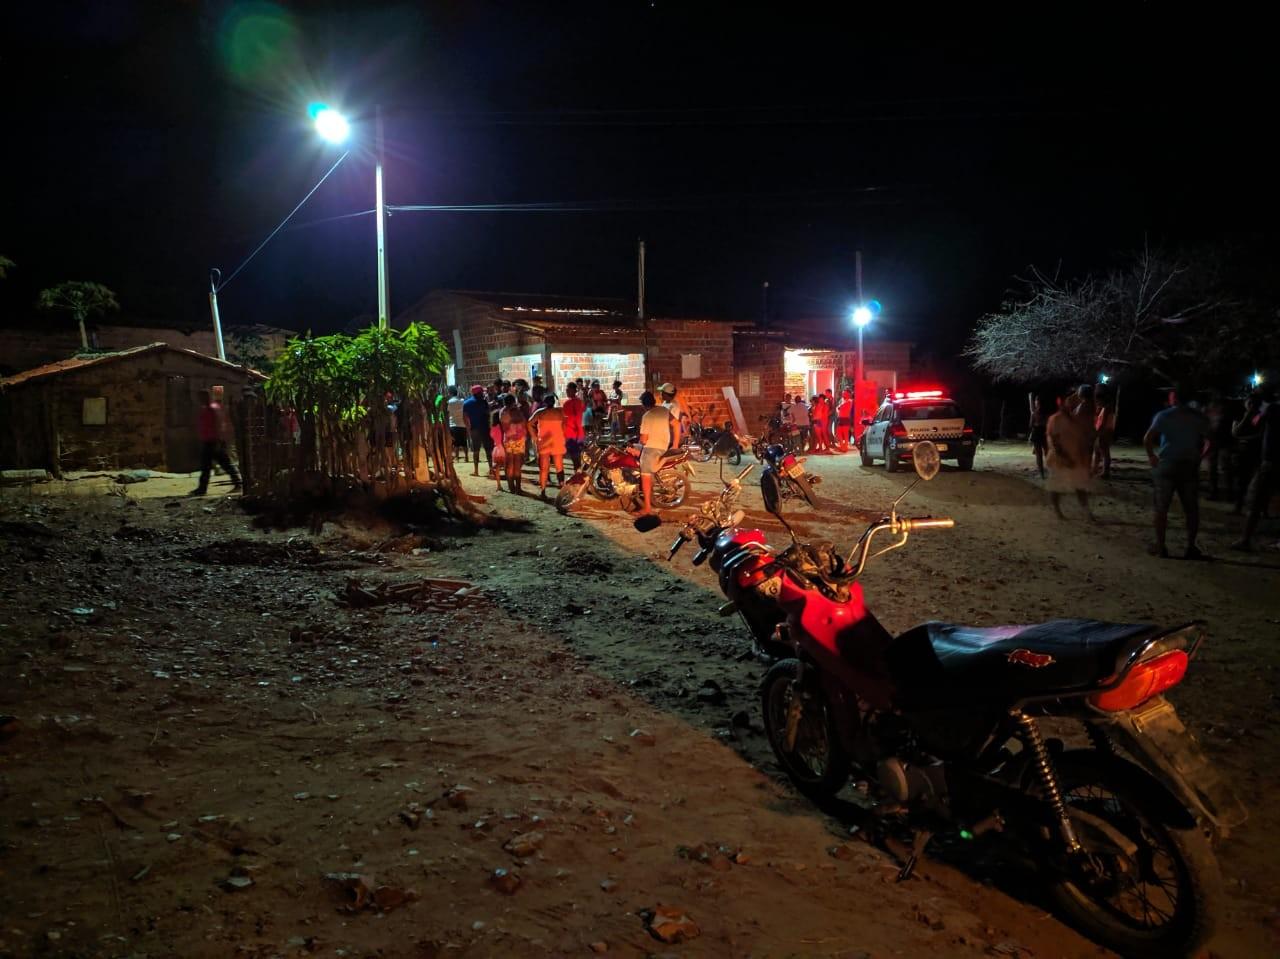 Perícia indica que mulher encontrada morta no interior do RN foi estrangulada - Notícias - Plantão Diário